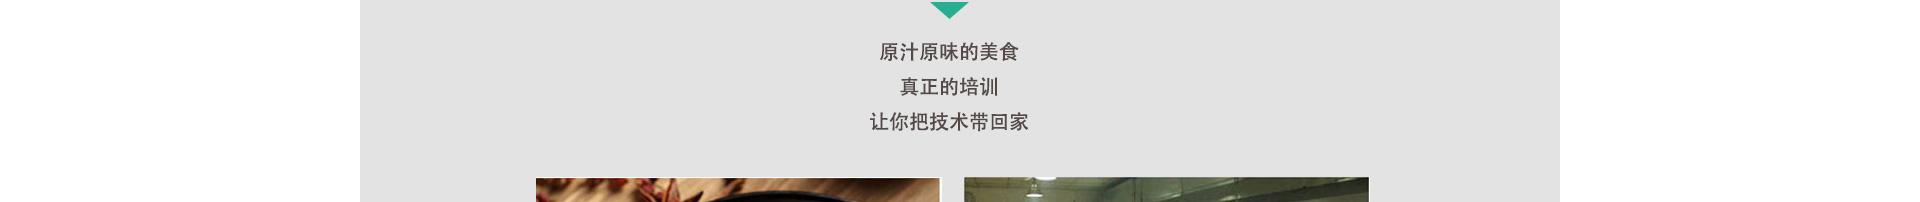 吴山贡鹅培训